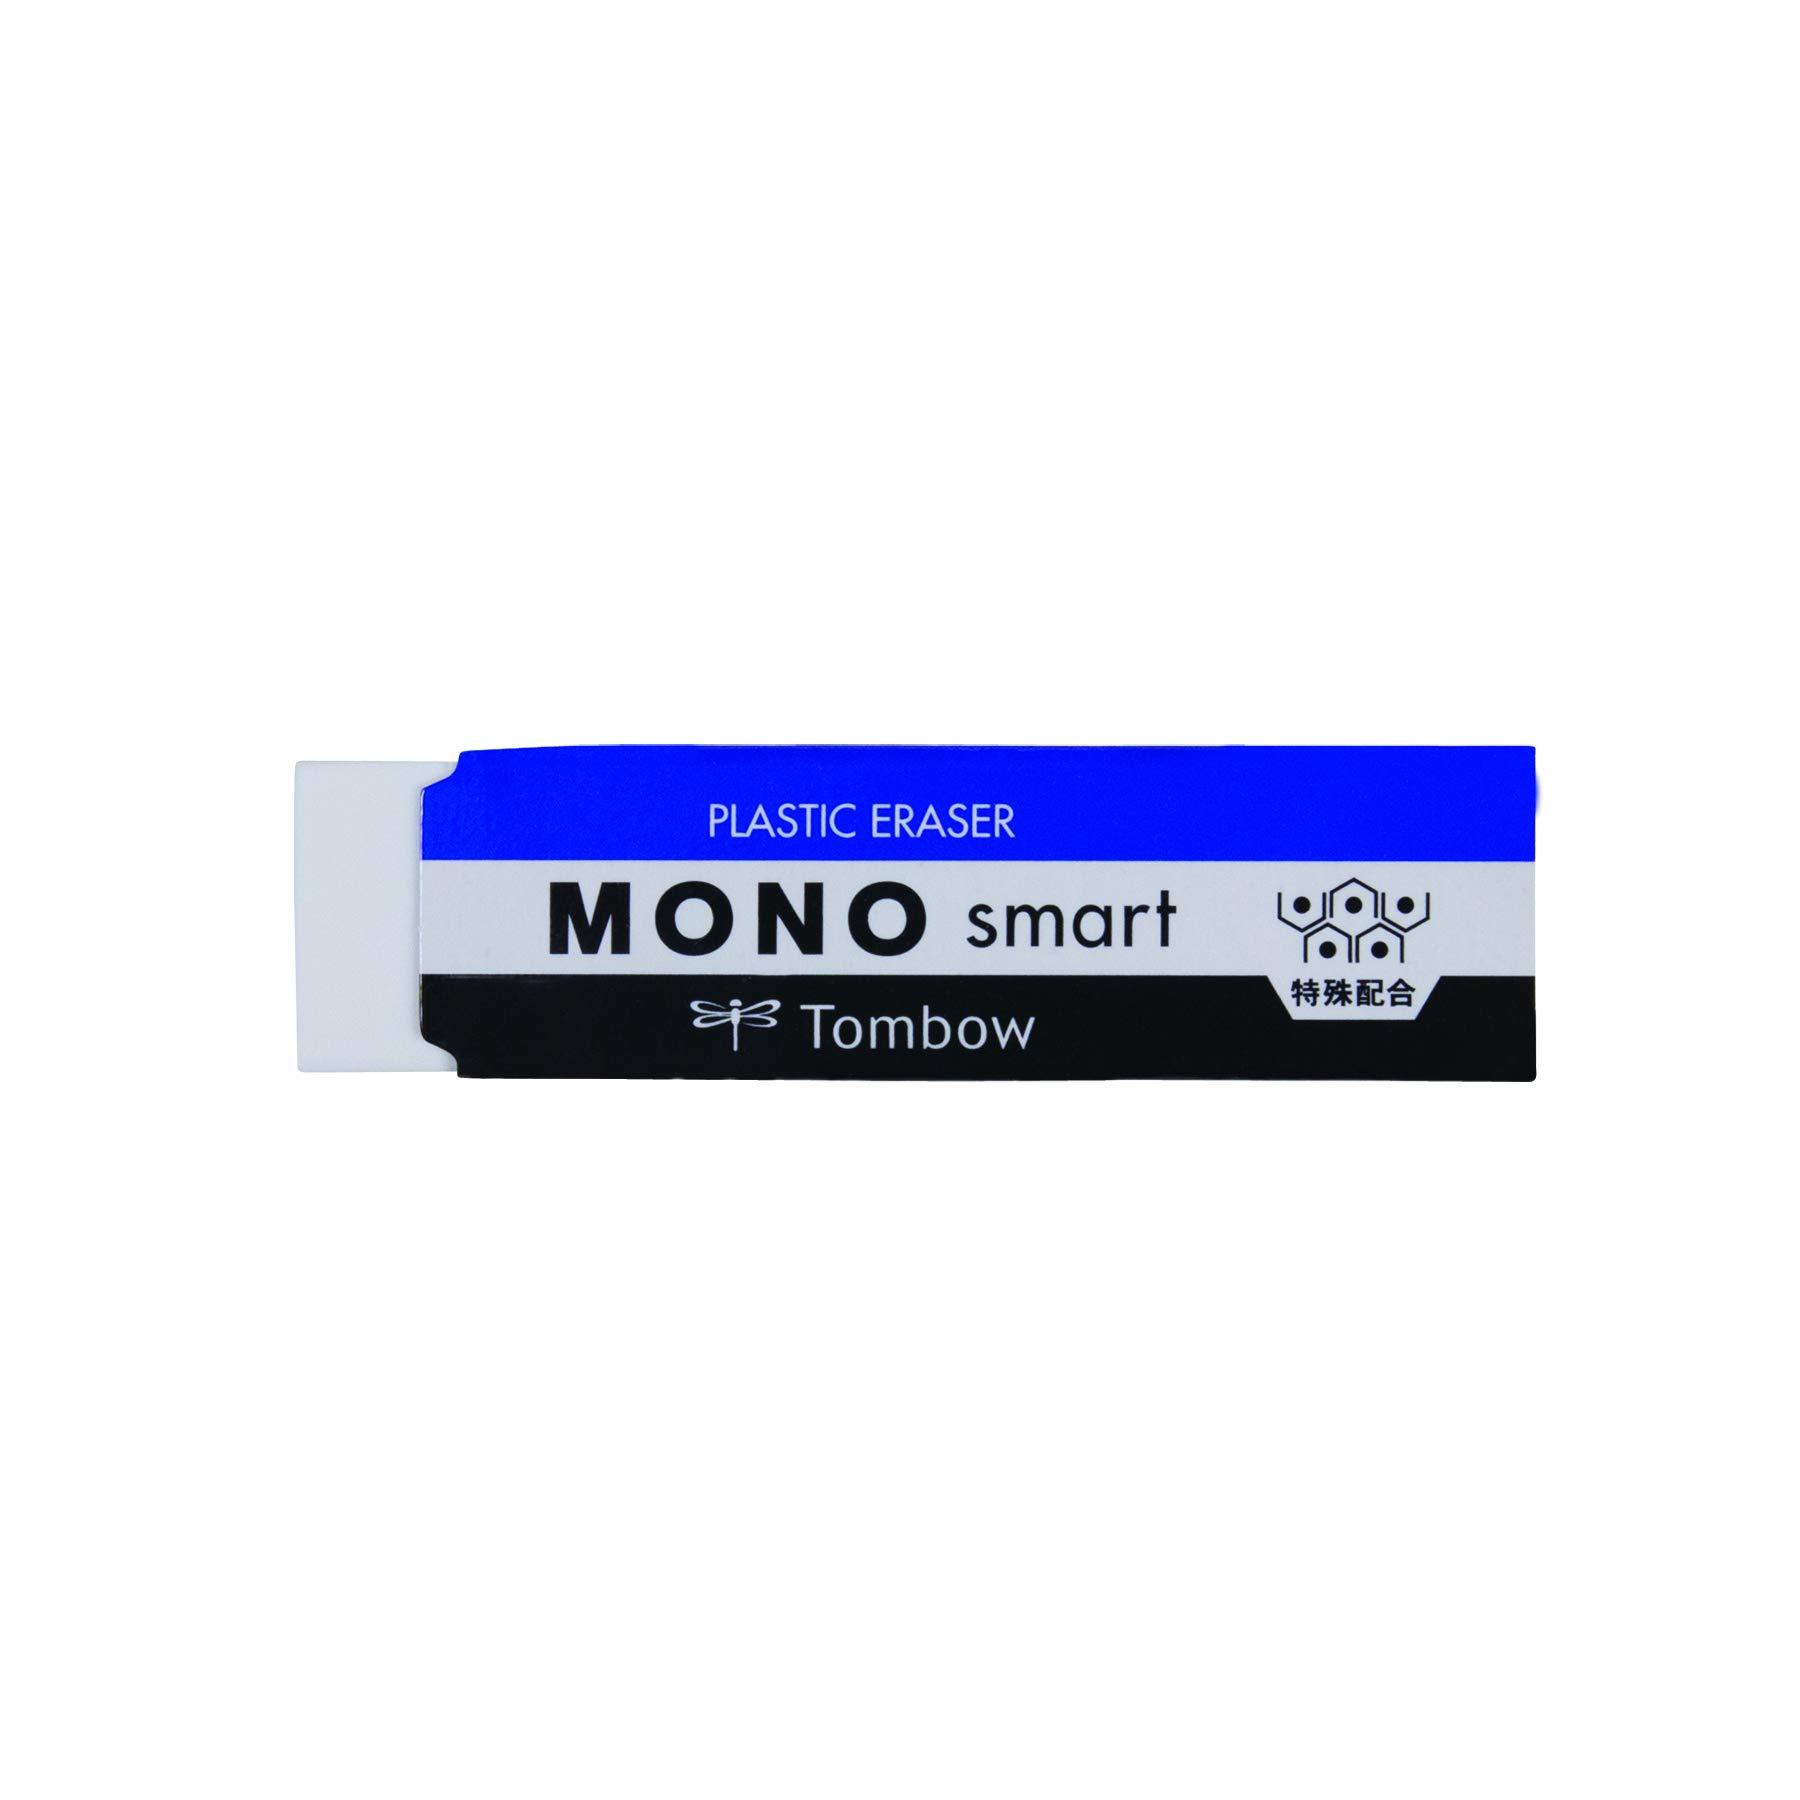 Tombow 57335 Mono Smart Eraser, White, 1 Pack. Ultra Slim...